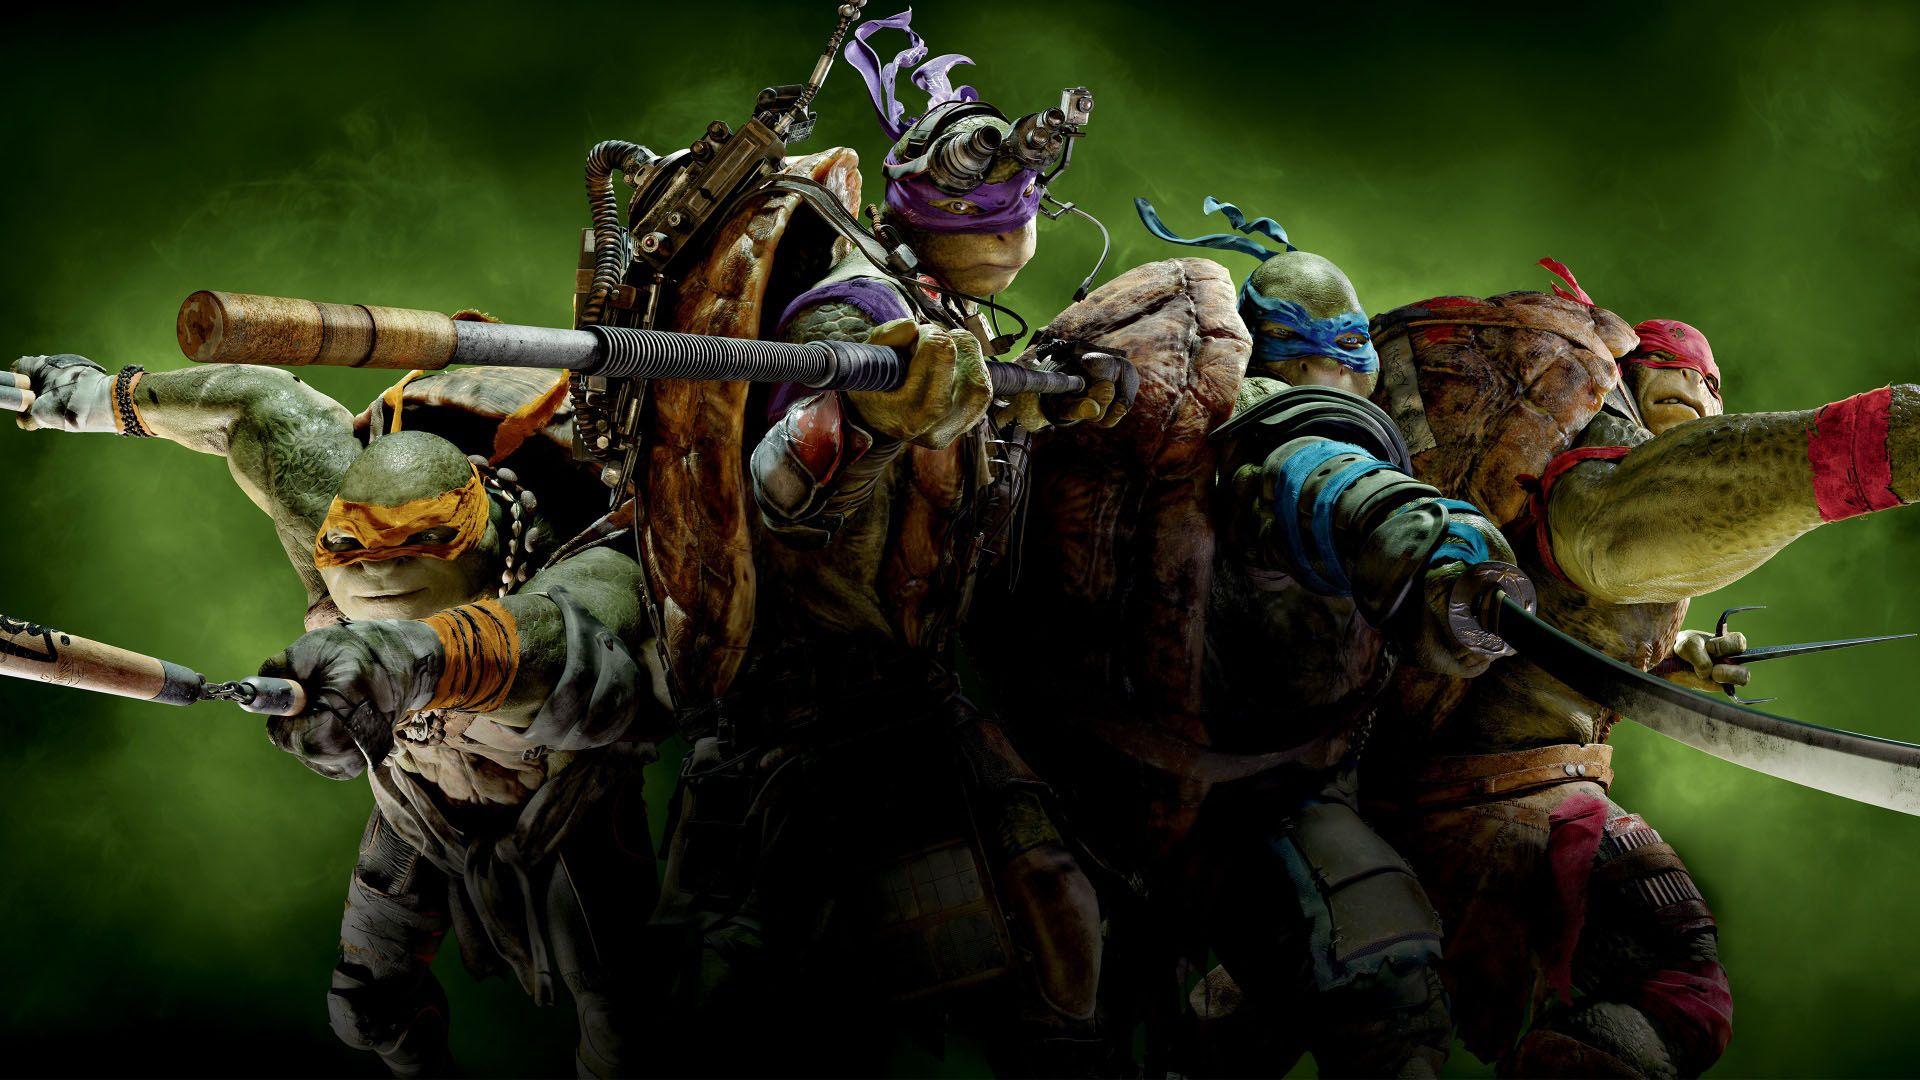 Teenage Mutant Ninja Turtles Wallpapers For Android Teenage